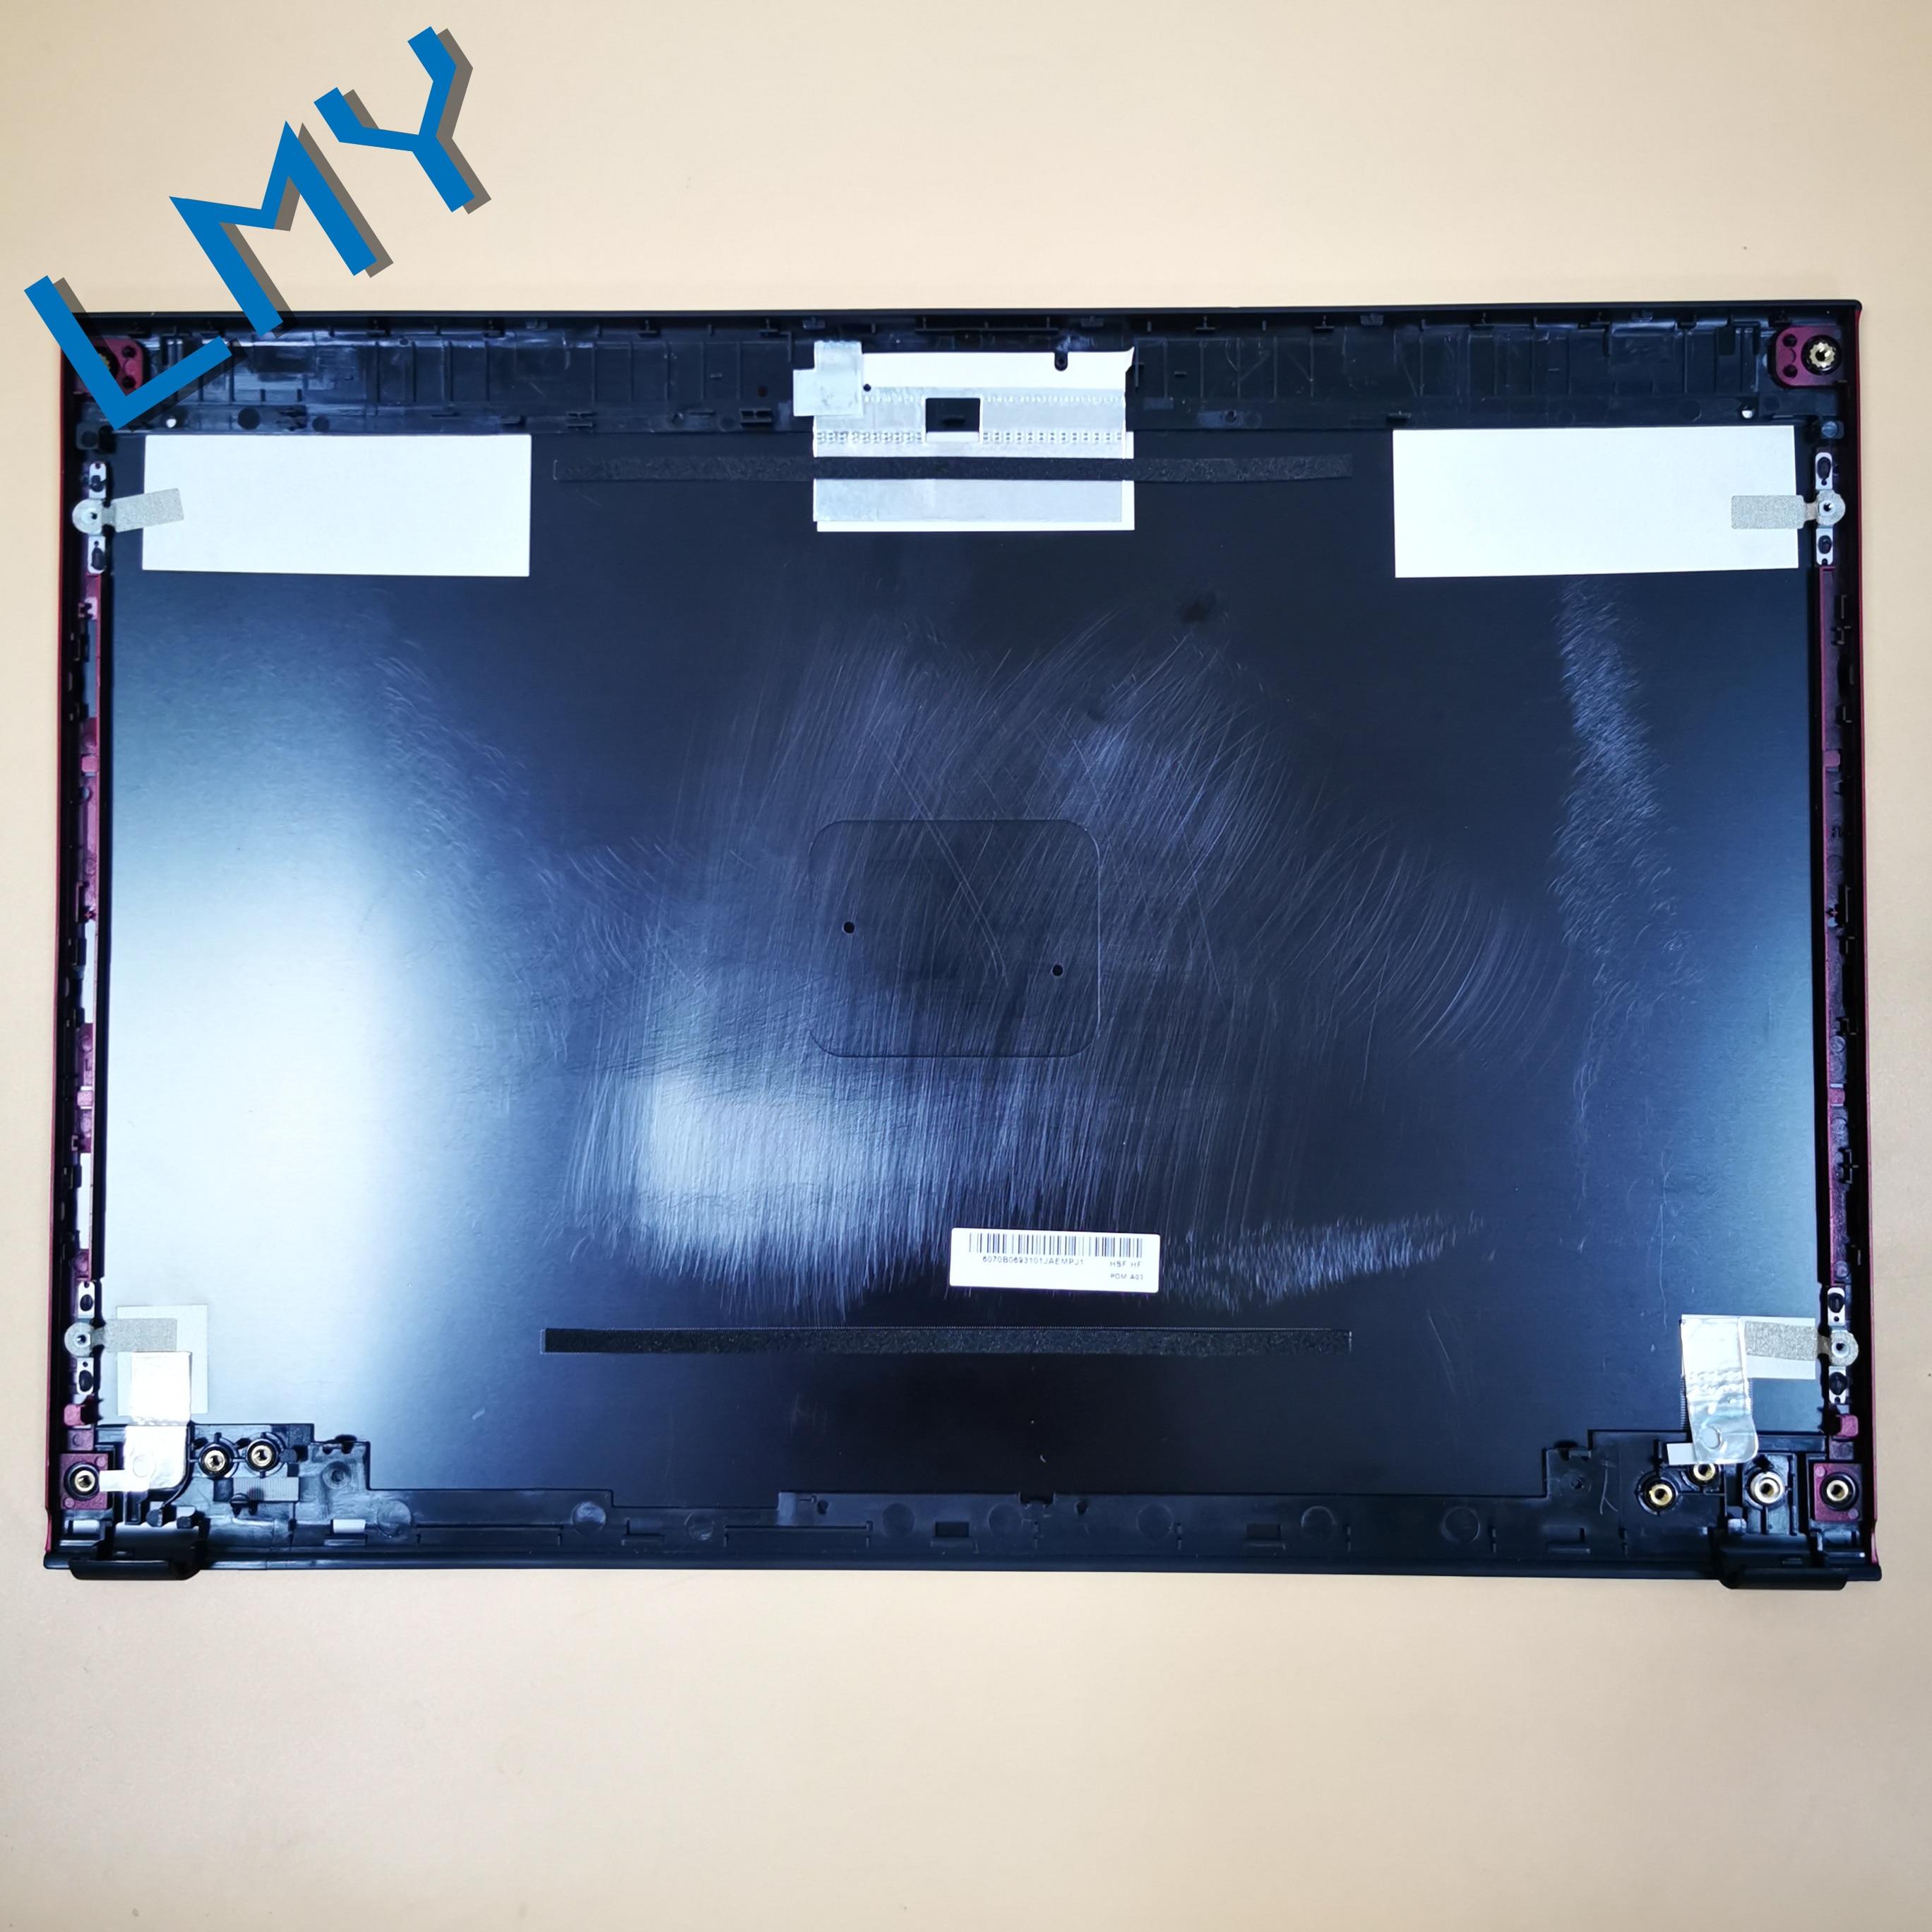 Nouvelle coque d'origine pour ordinateur portable Fujitsu U536 UH554 housse arrière pour ordinateur portable LCD noir 6070B0693101 - 2